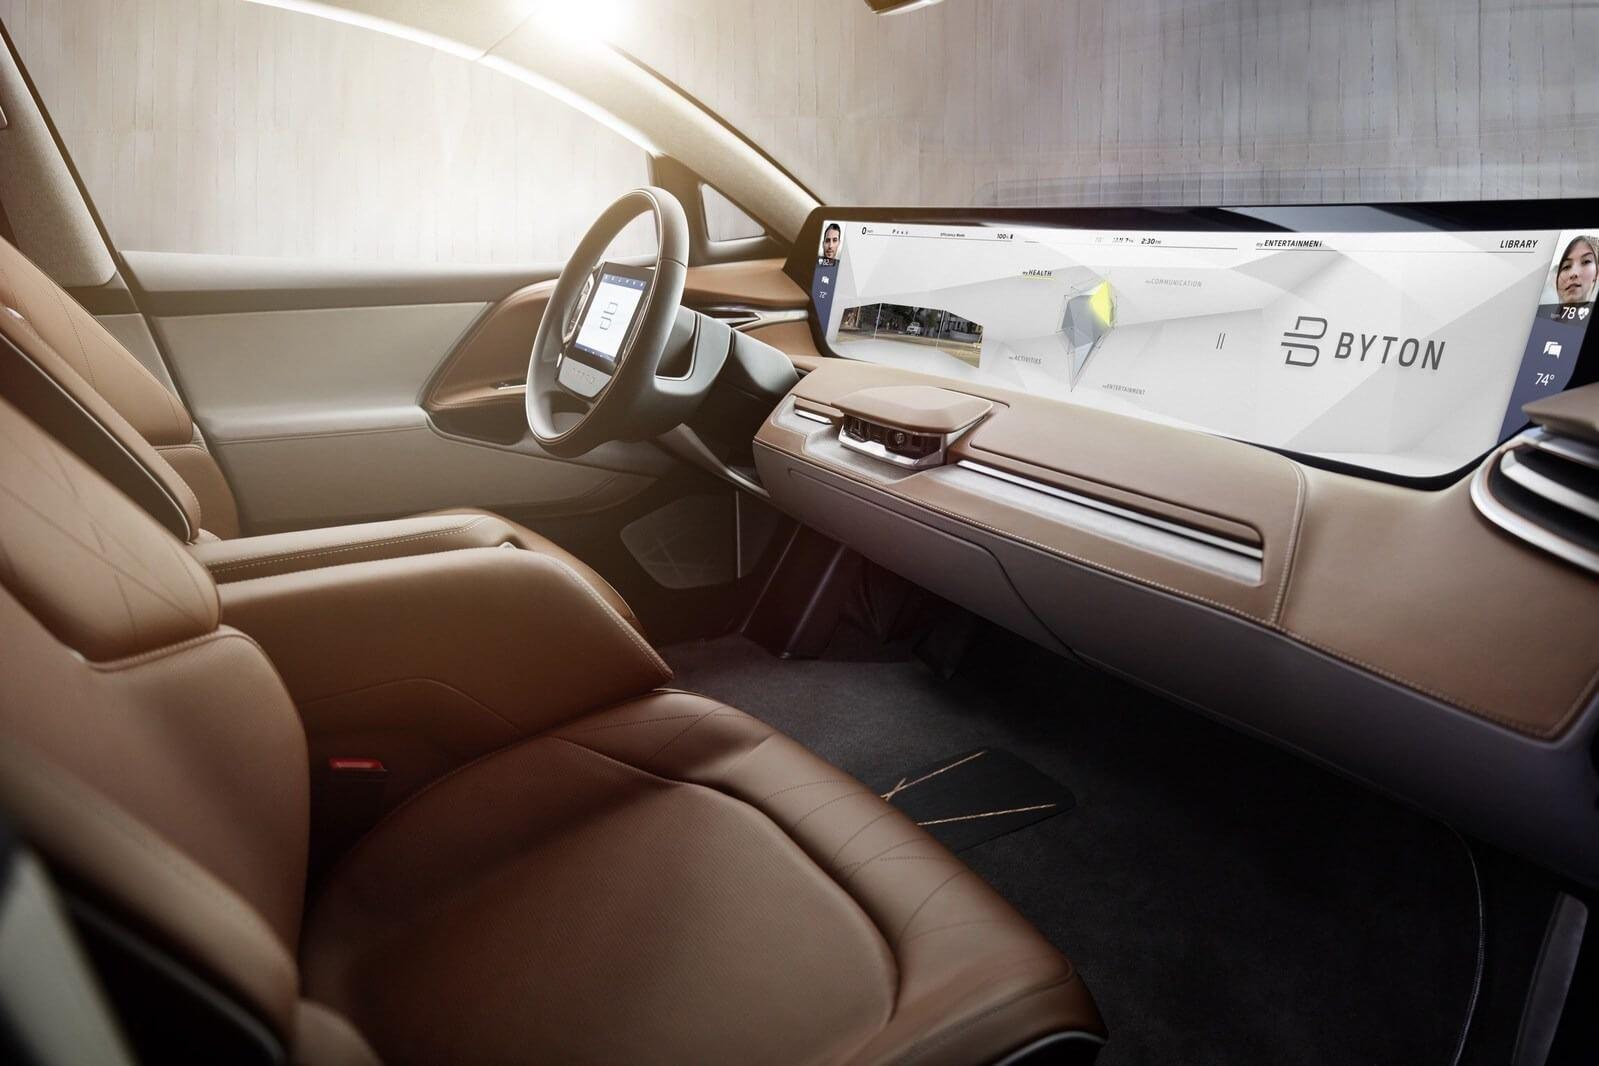 Elektro-SUV für 33.000 Euro: Byton zeigt autonomes E-Auto bei der ...